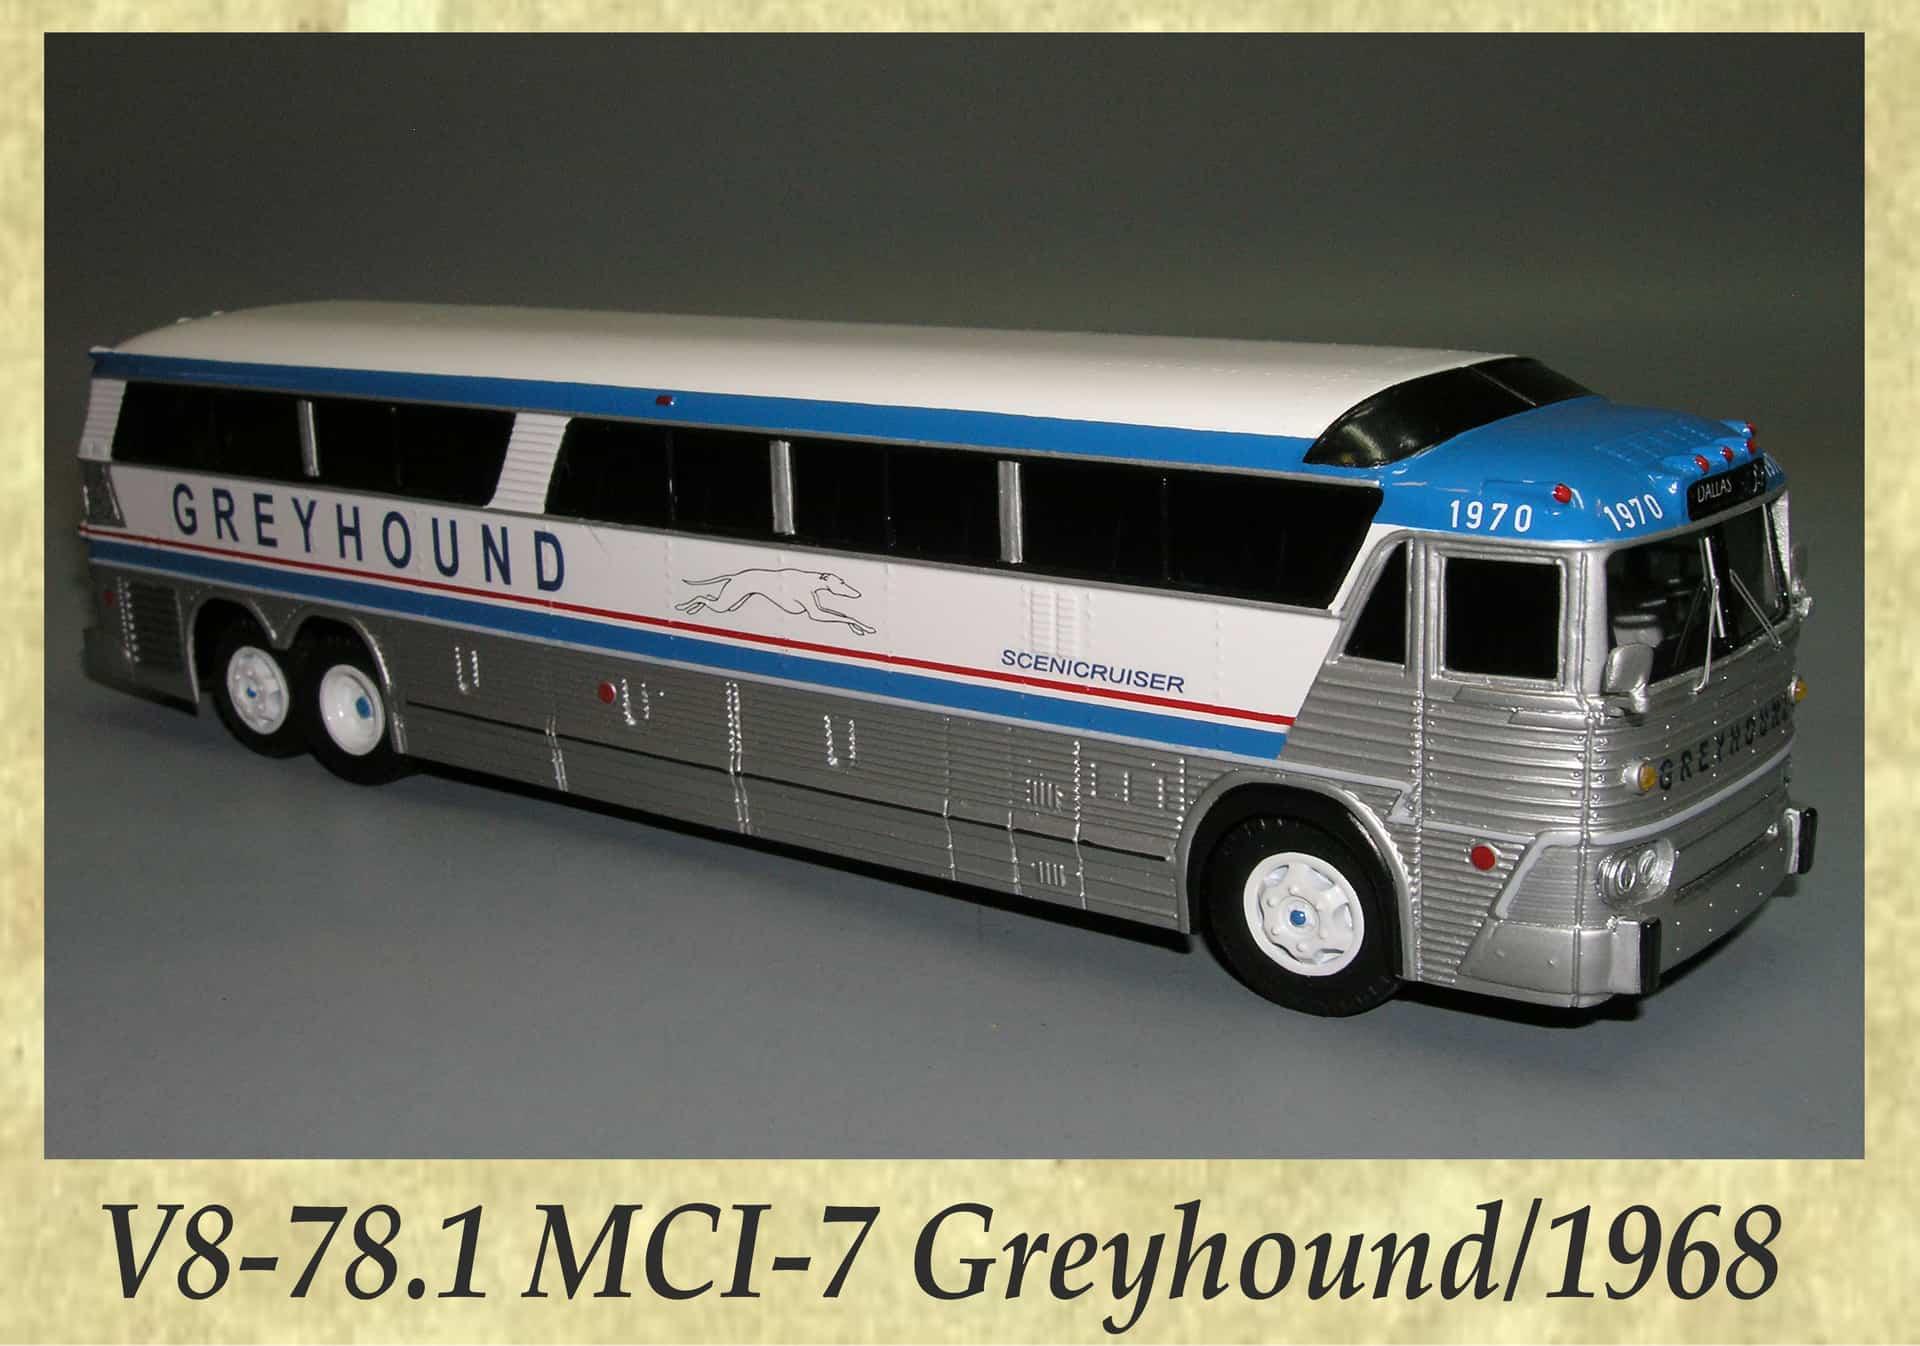 V8-78.1_MCI-7_Greyhound_1968[1]